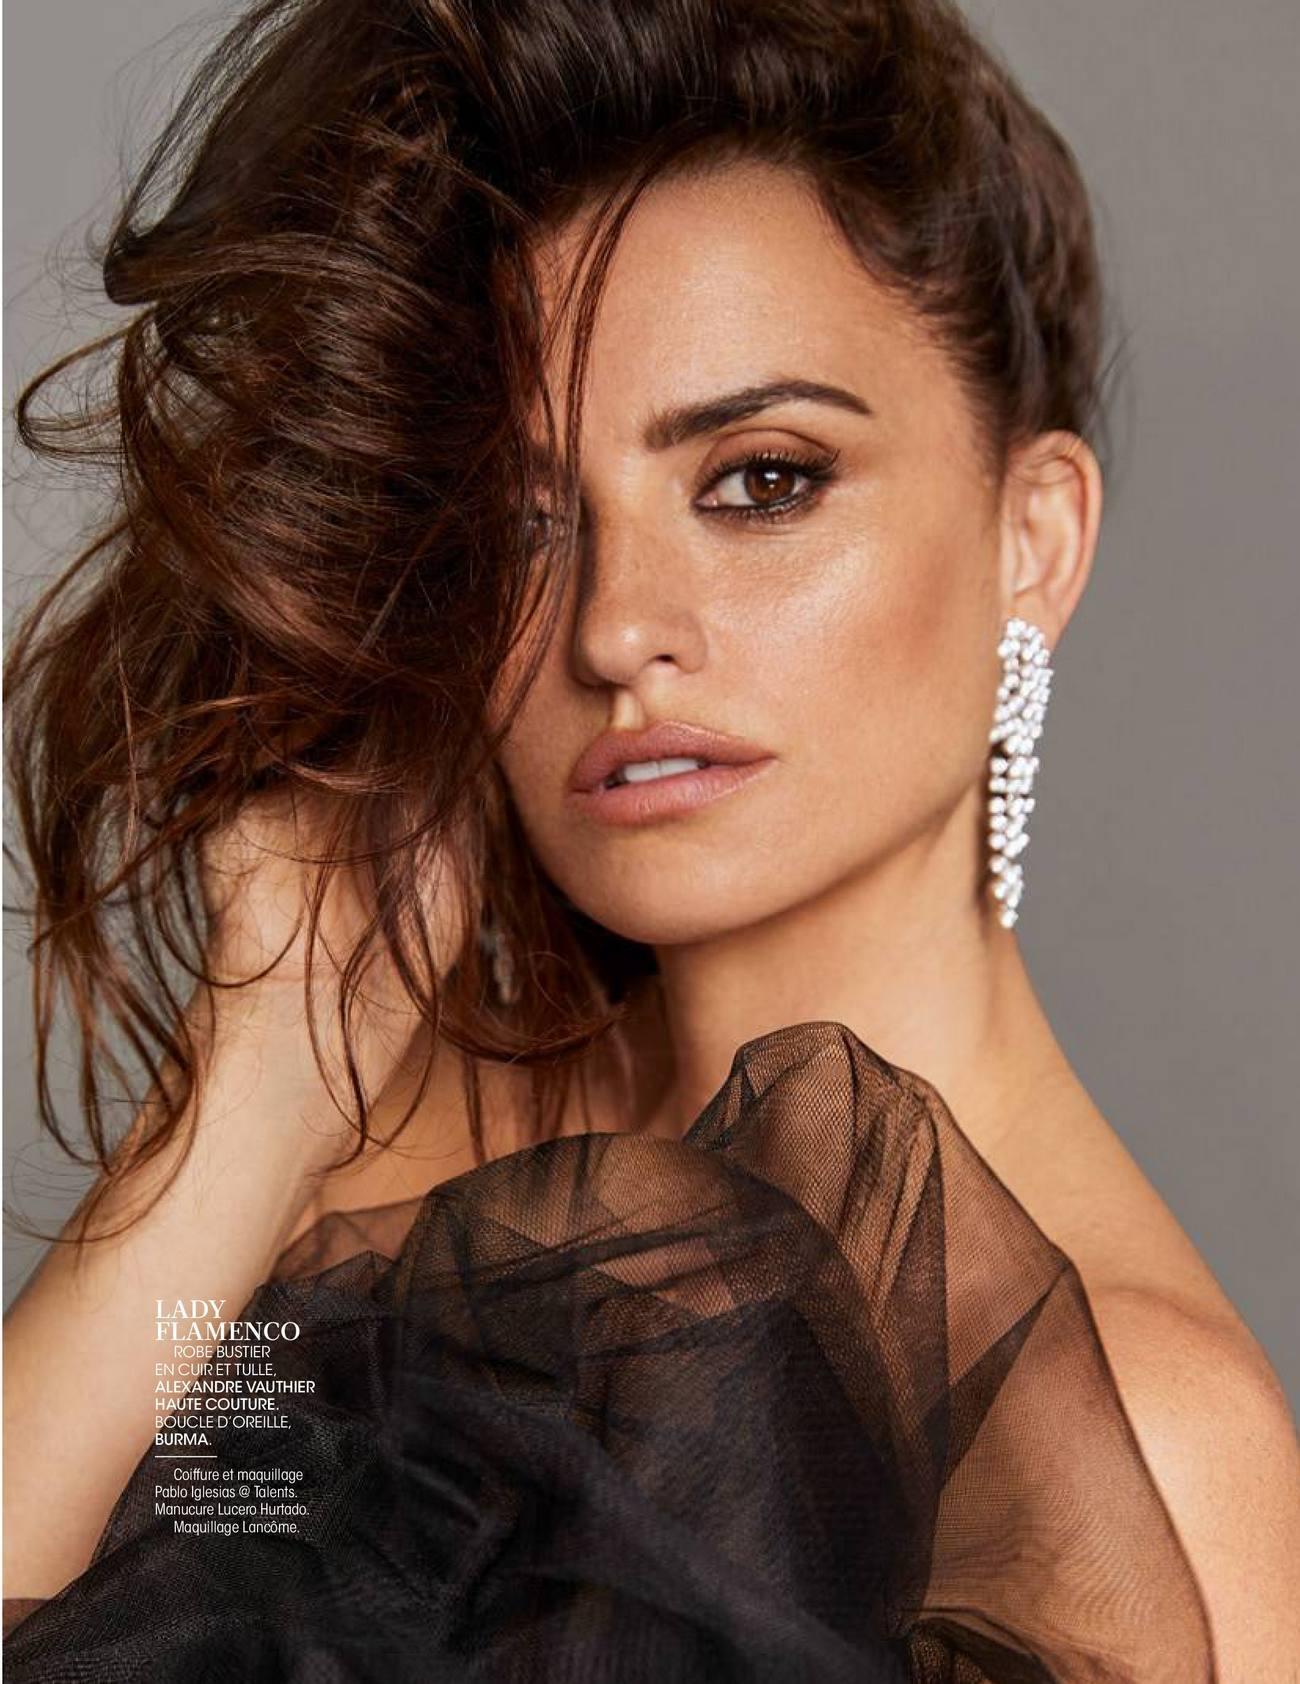 Penélope-Cruz-Madame-Figaro-11-May-201800008.jpg